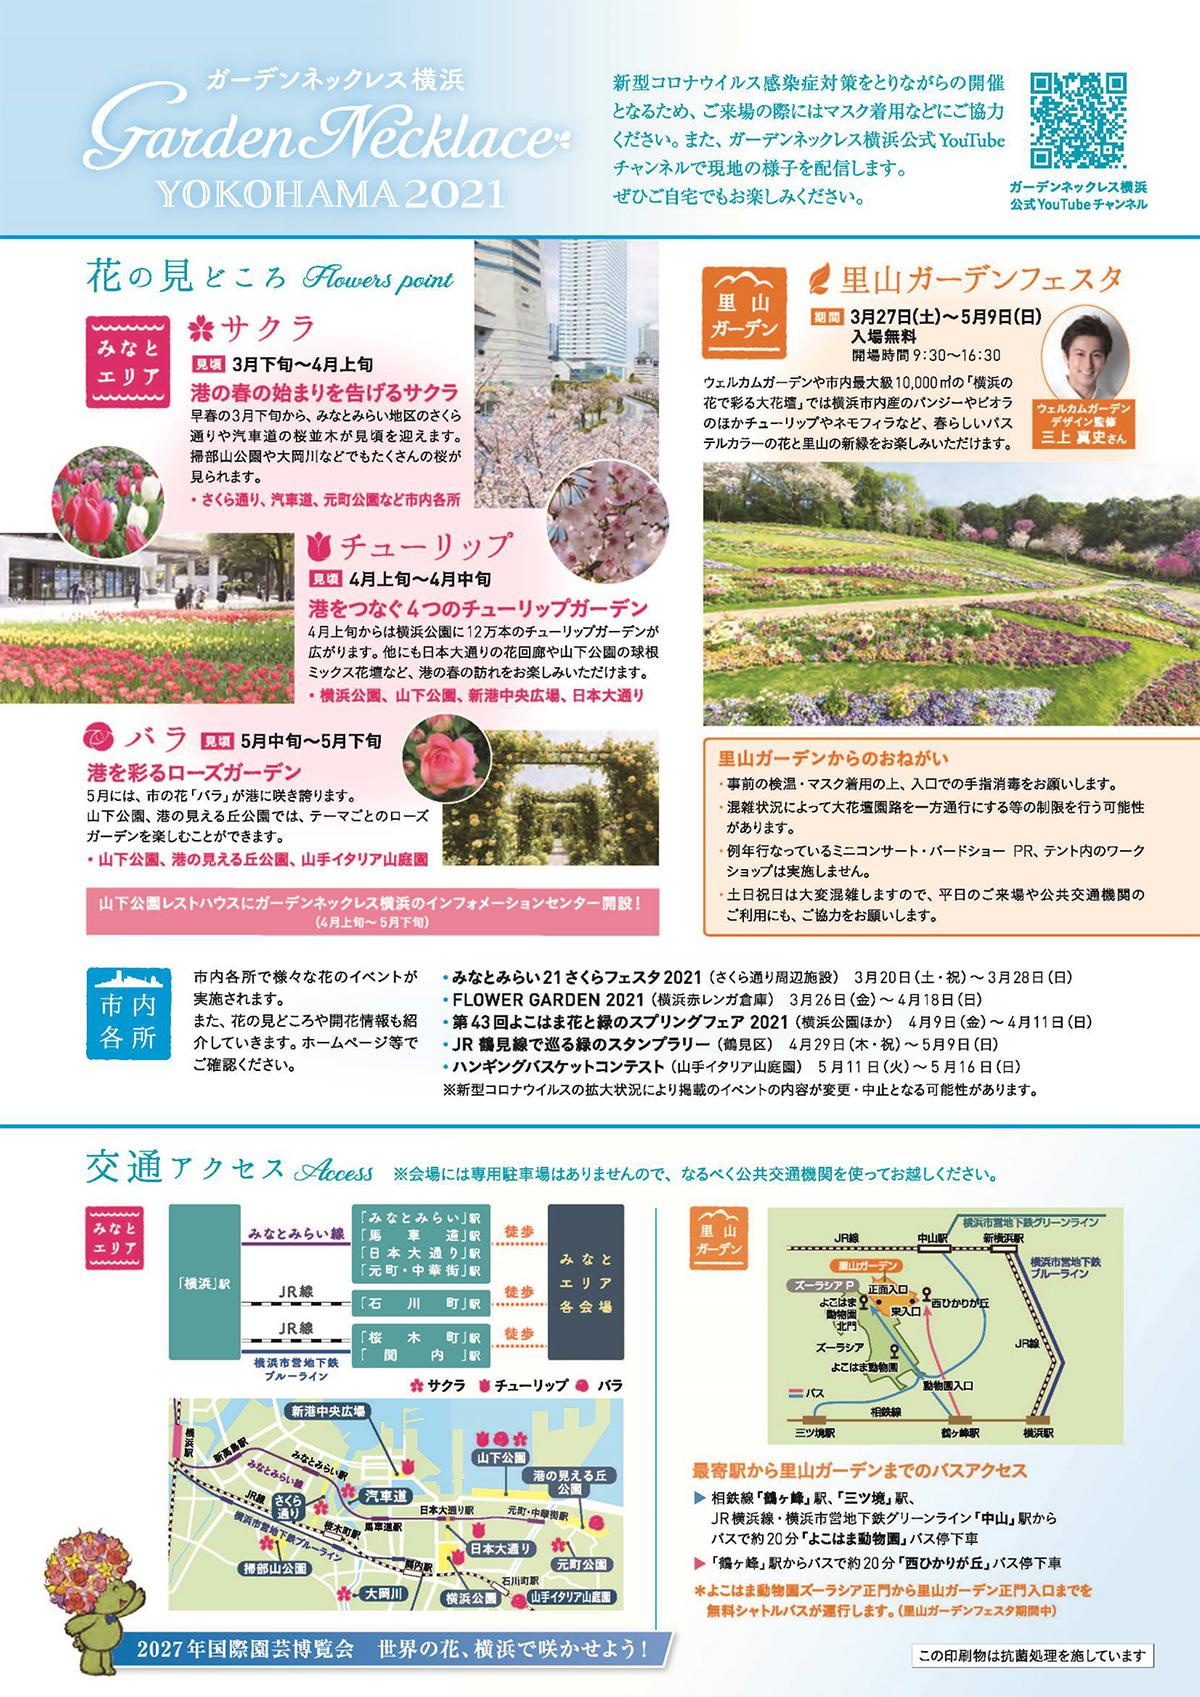 ガーデンネックレス横浜2021 概要